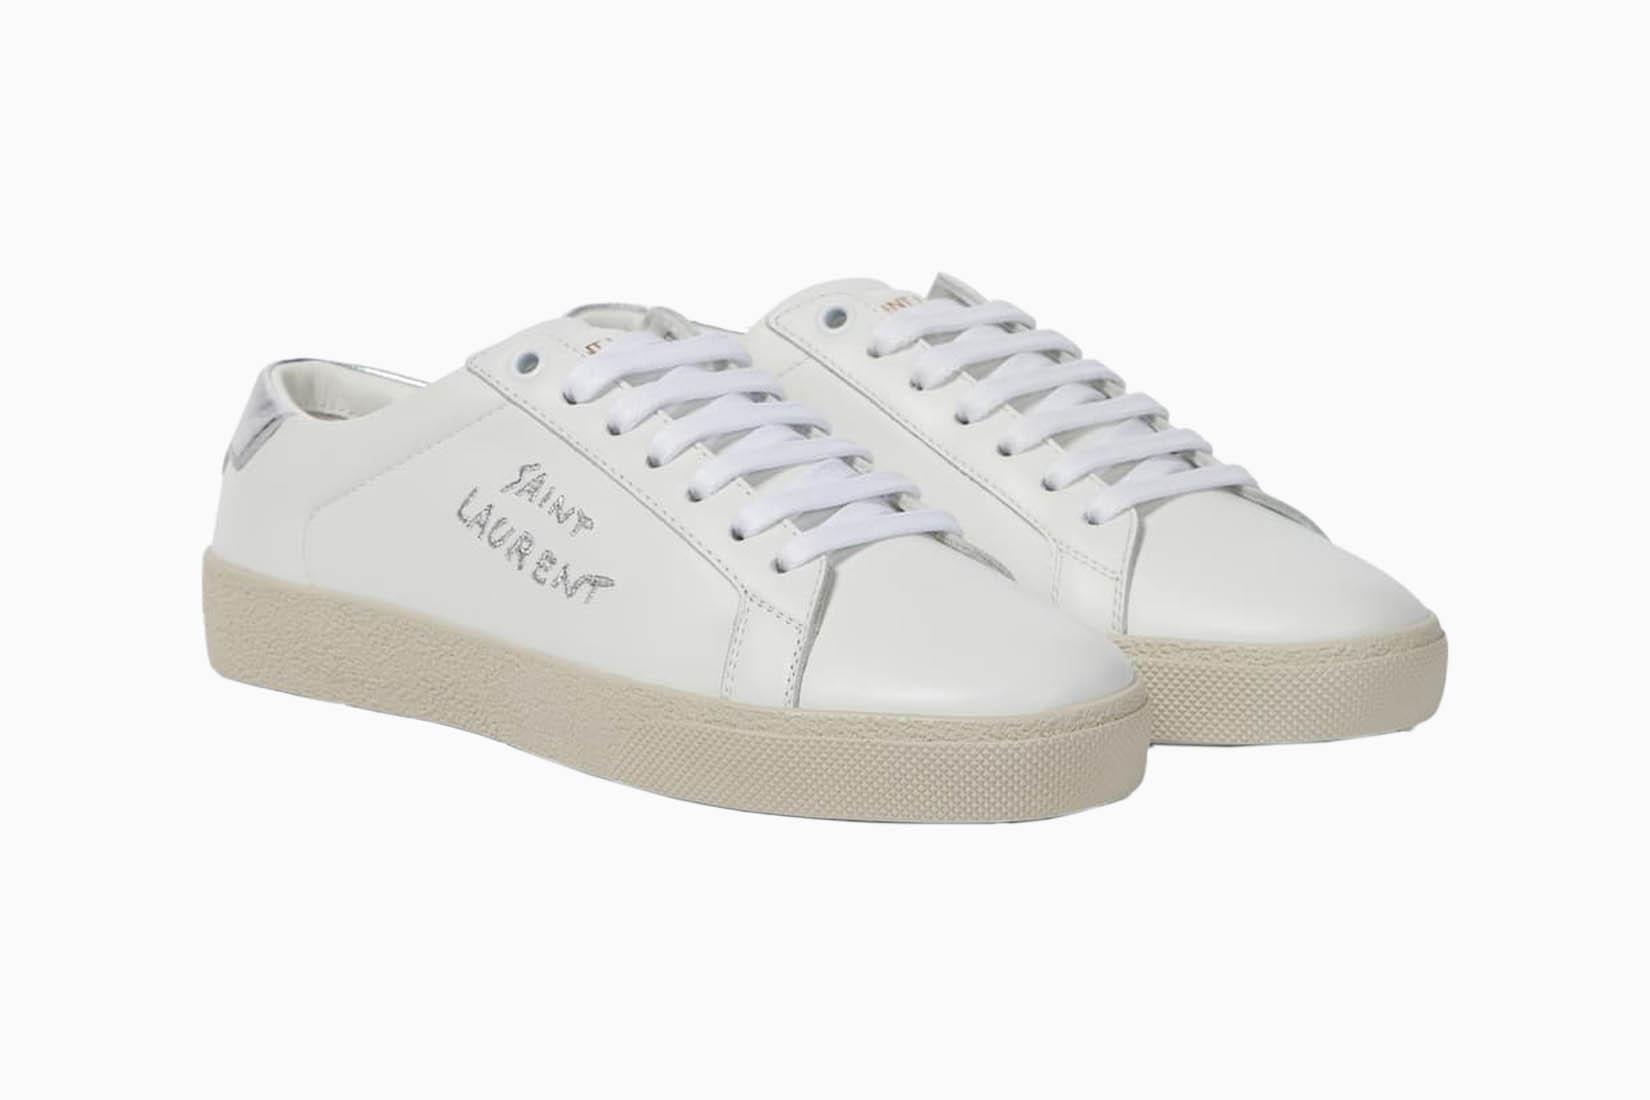 best sneakers women saint laurent review Luxe Digital